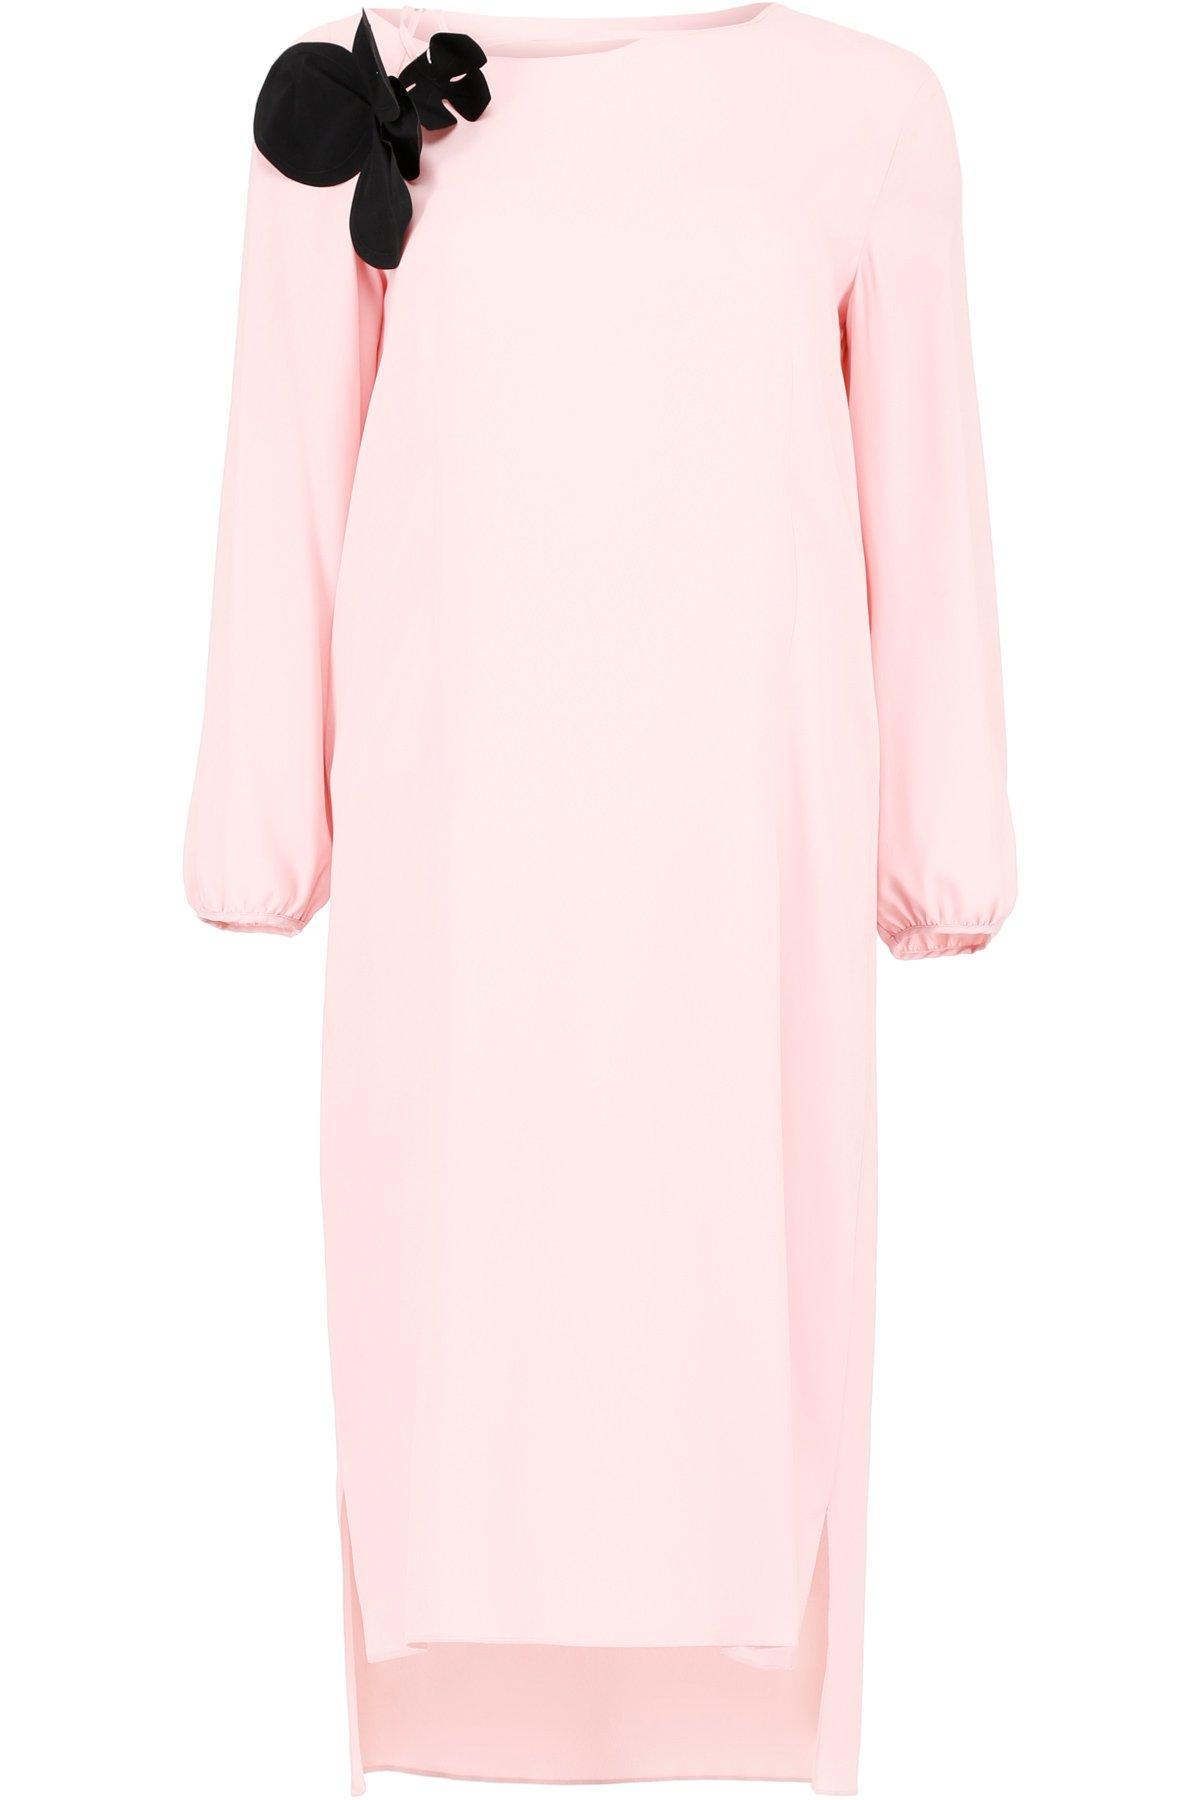 2fe4a719b9f9a4 Marni Tassel Detail Midi Dress In Pink | ModeSens